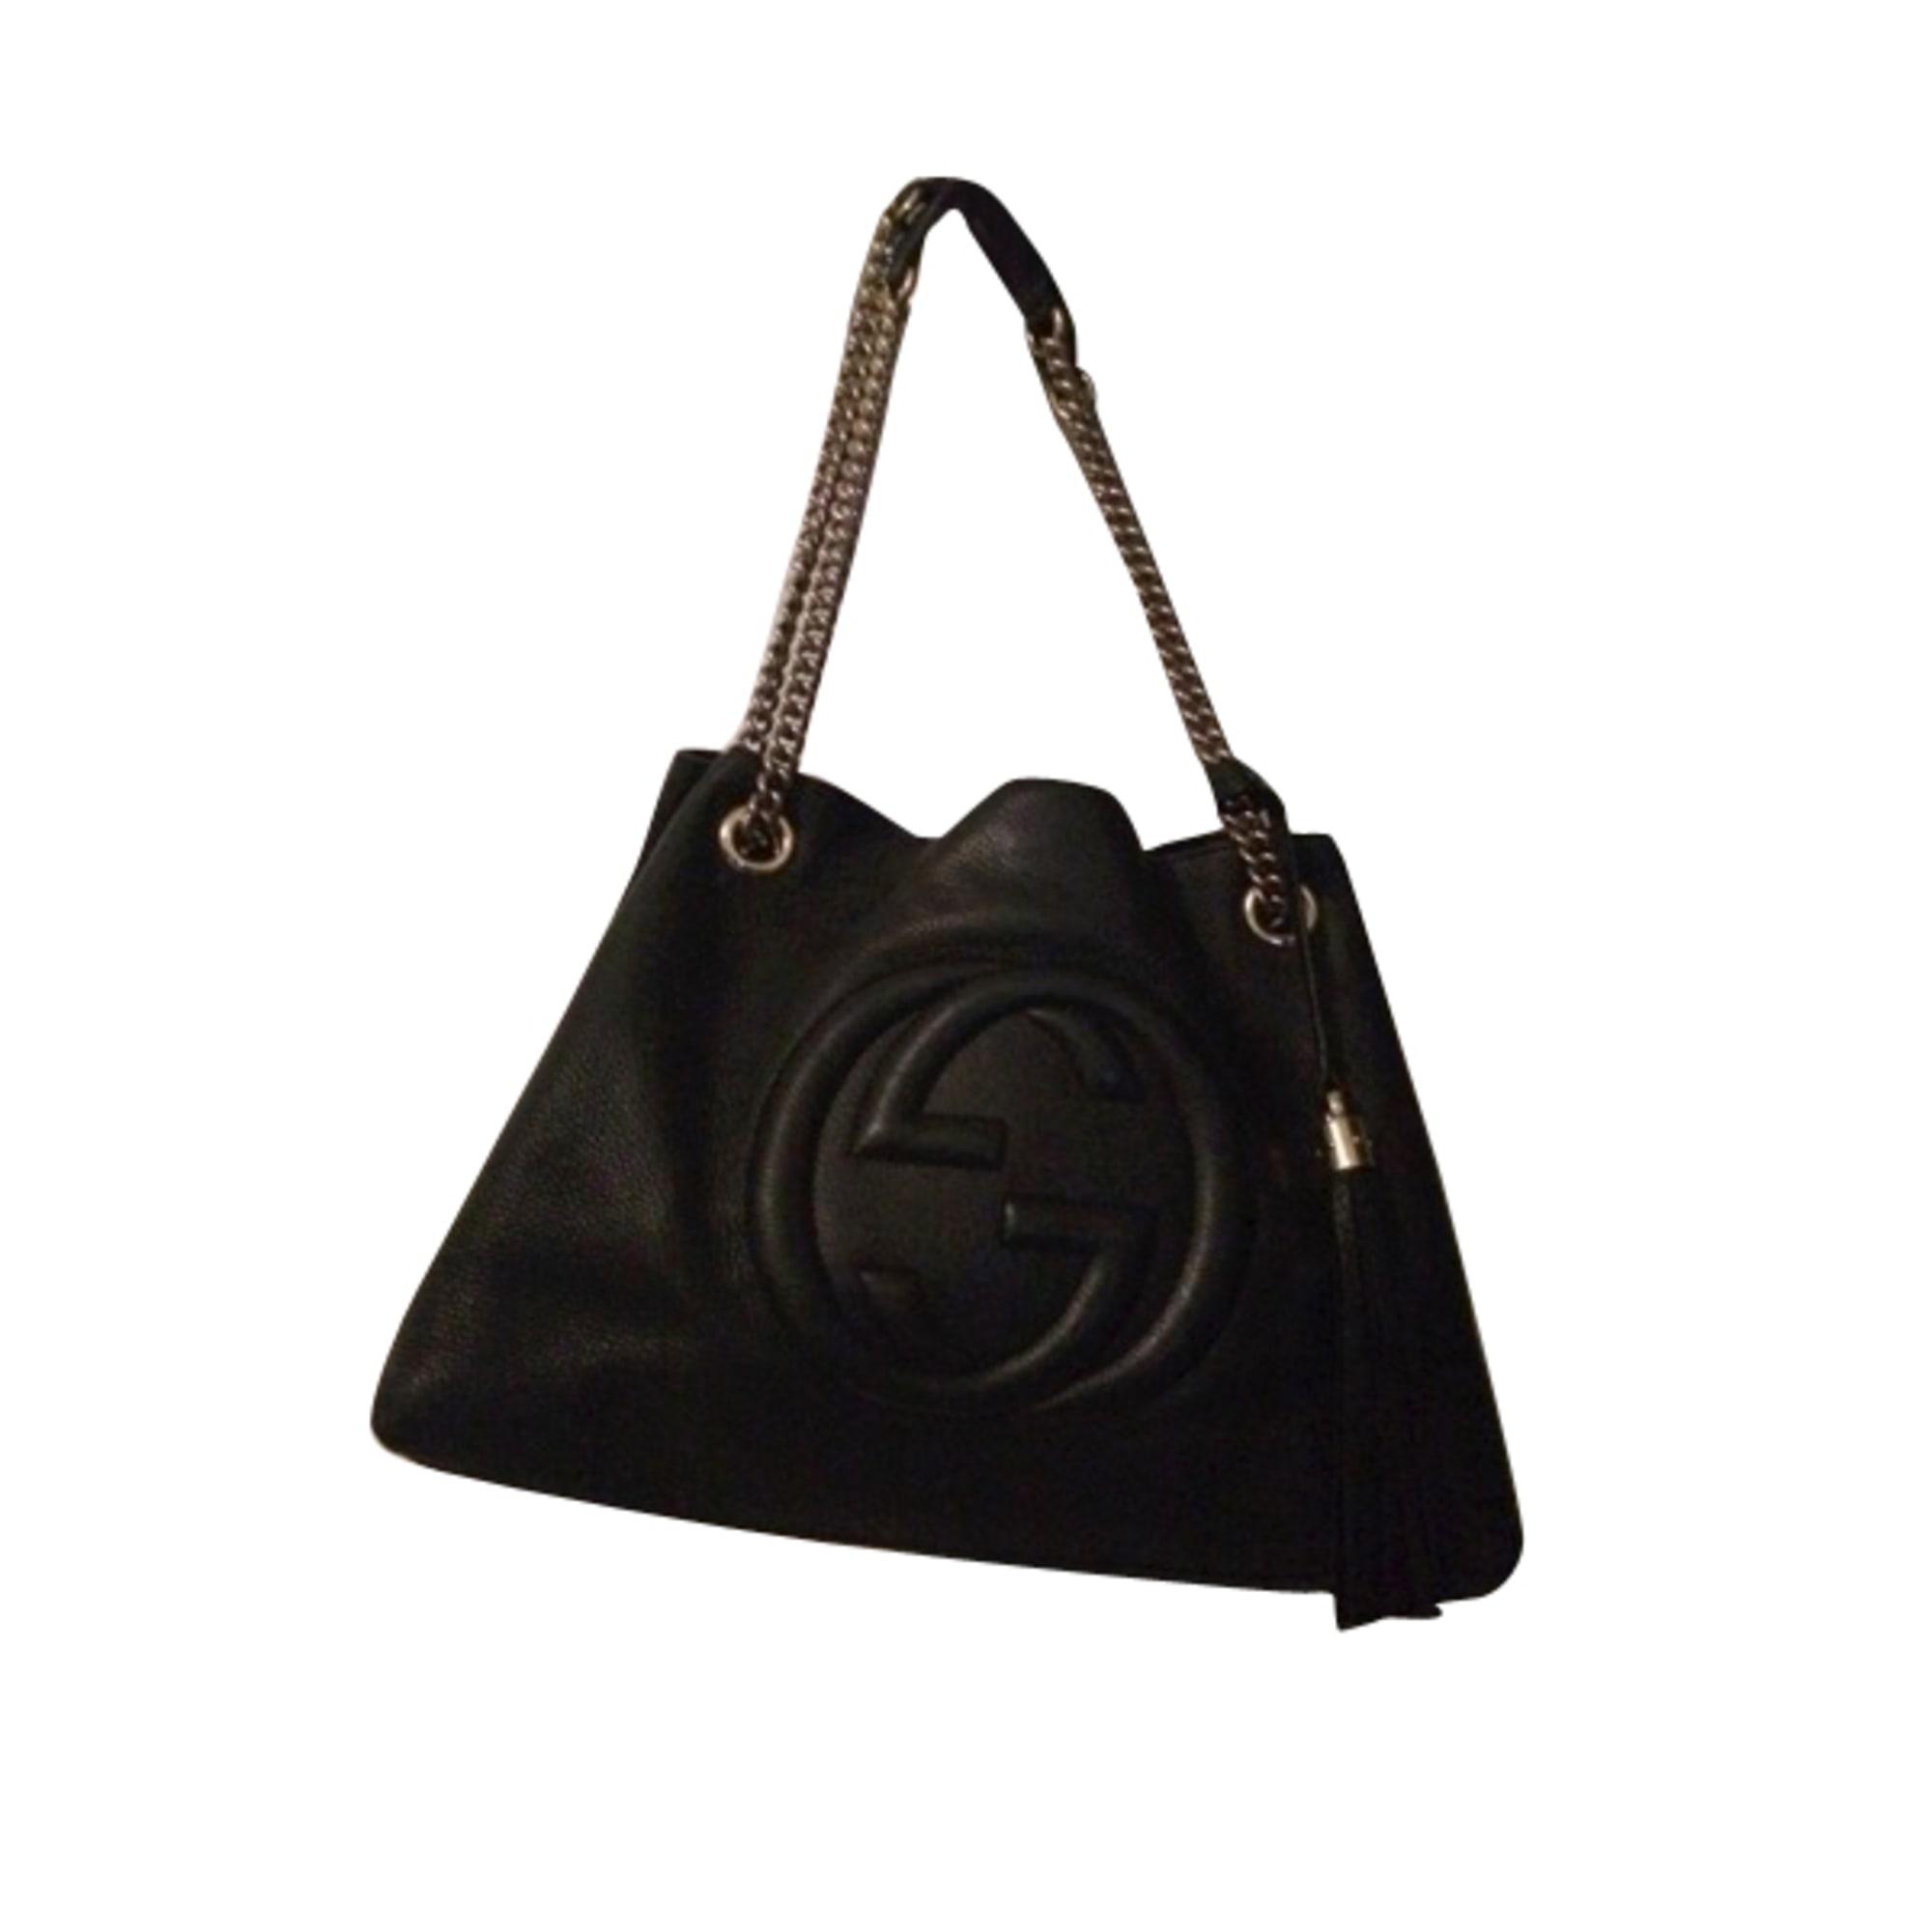 2f497fec3be Sac à main en cuir GUCCI noir vendu par Sarah 890545794 - 3219066